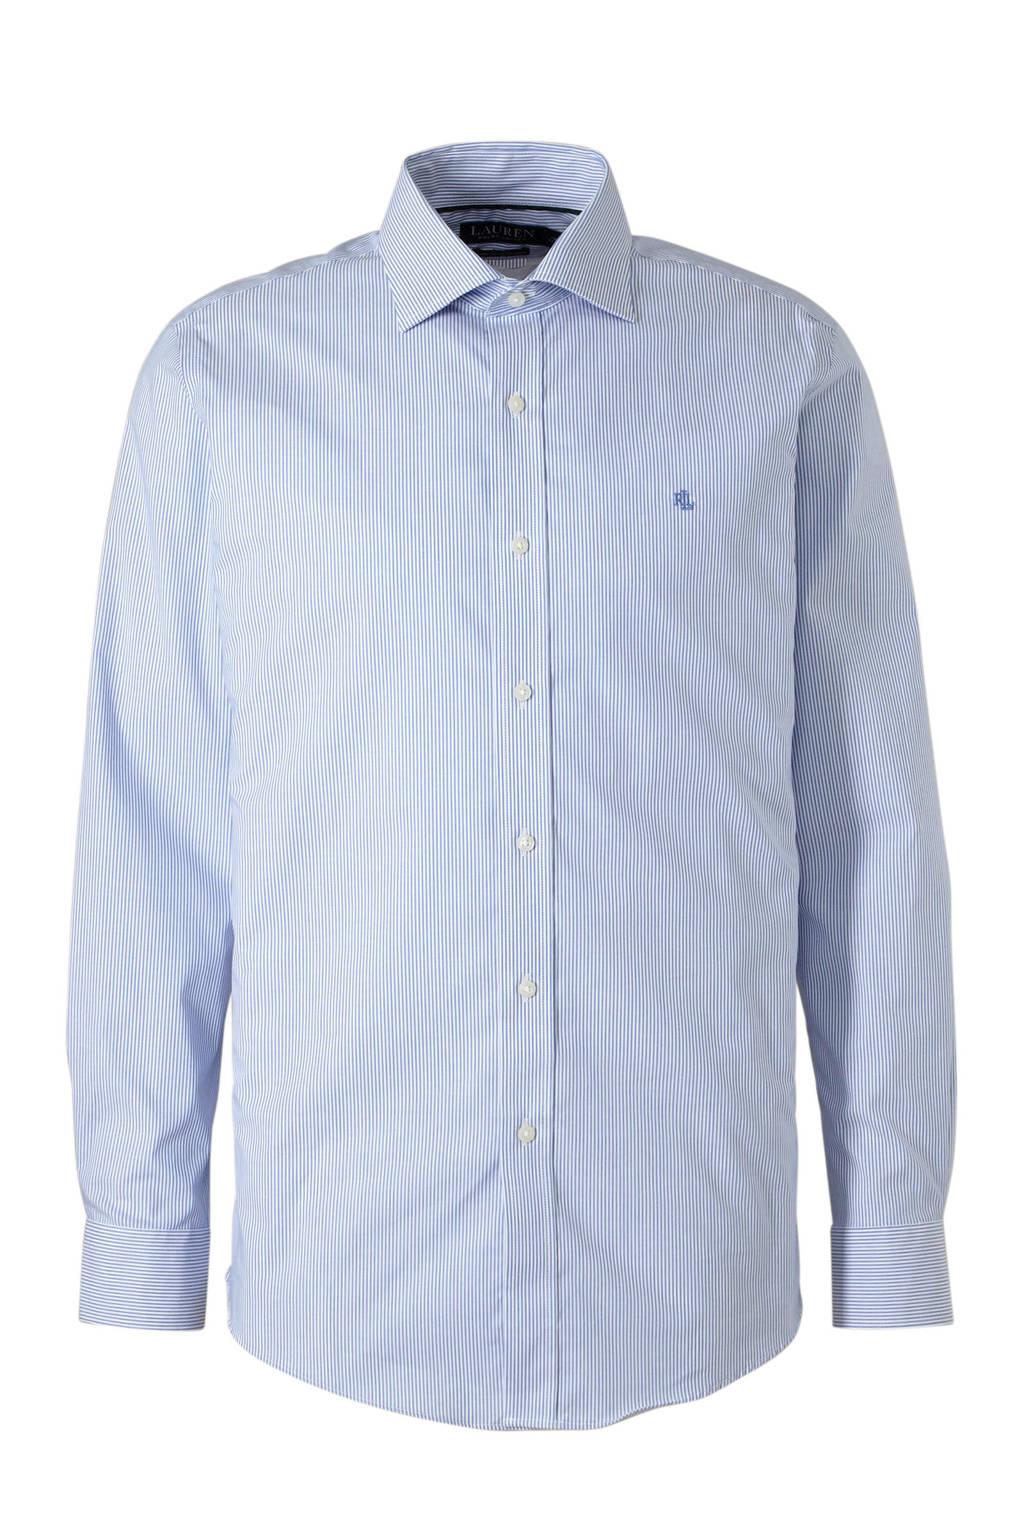 POLO Ralph Lauren gestreept regular fit overhed blauw, Blauw/wit